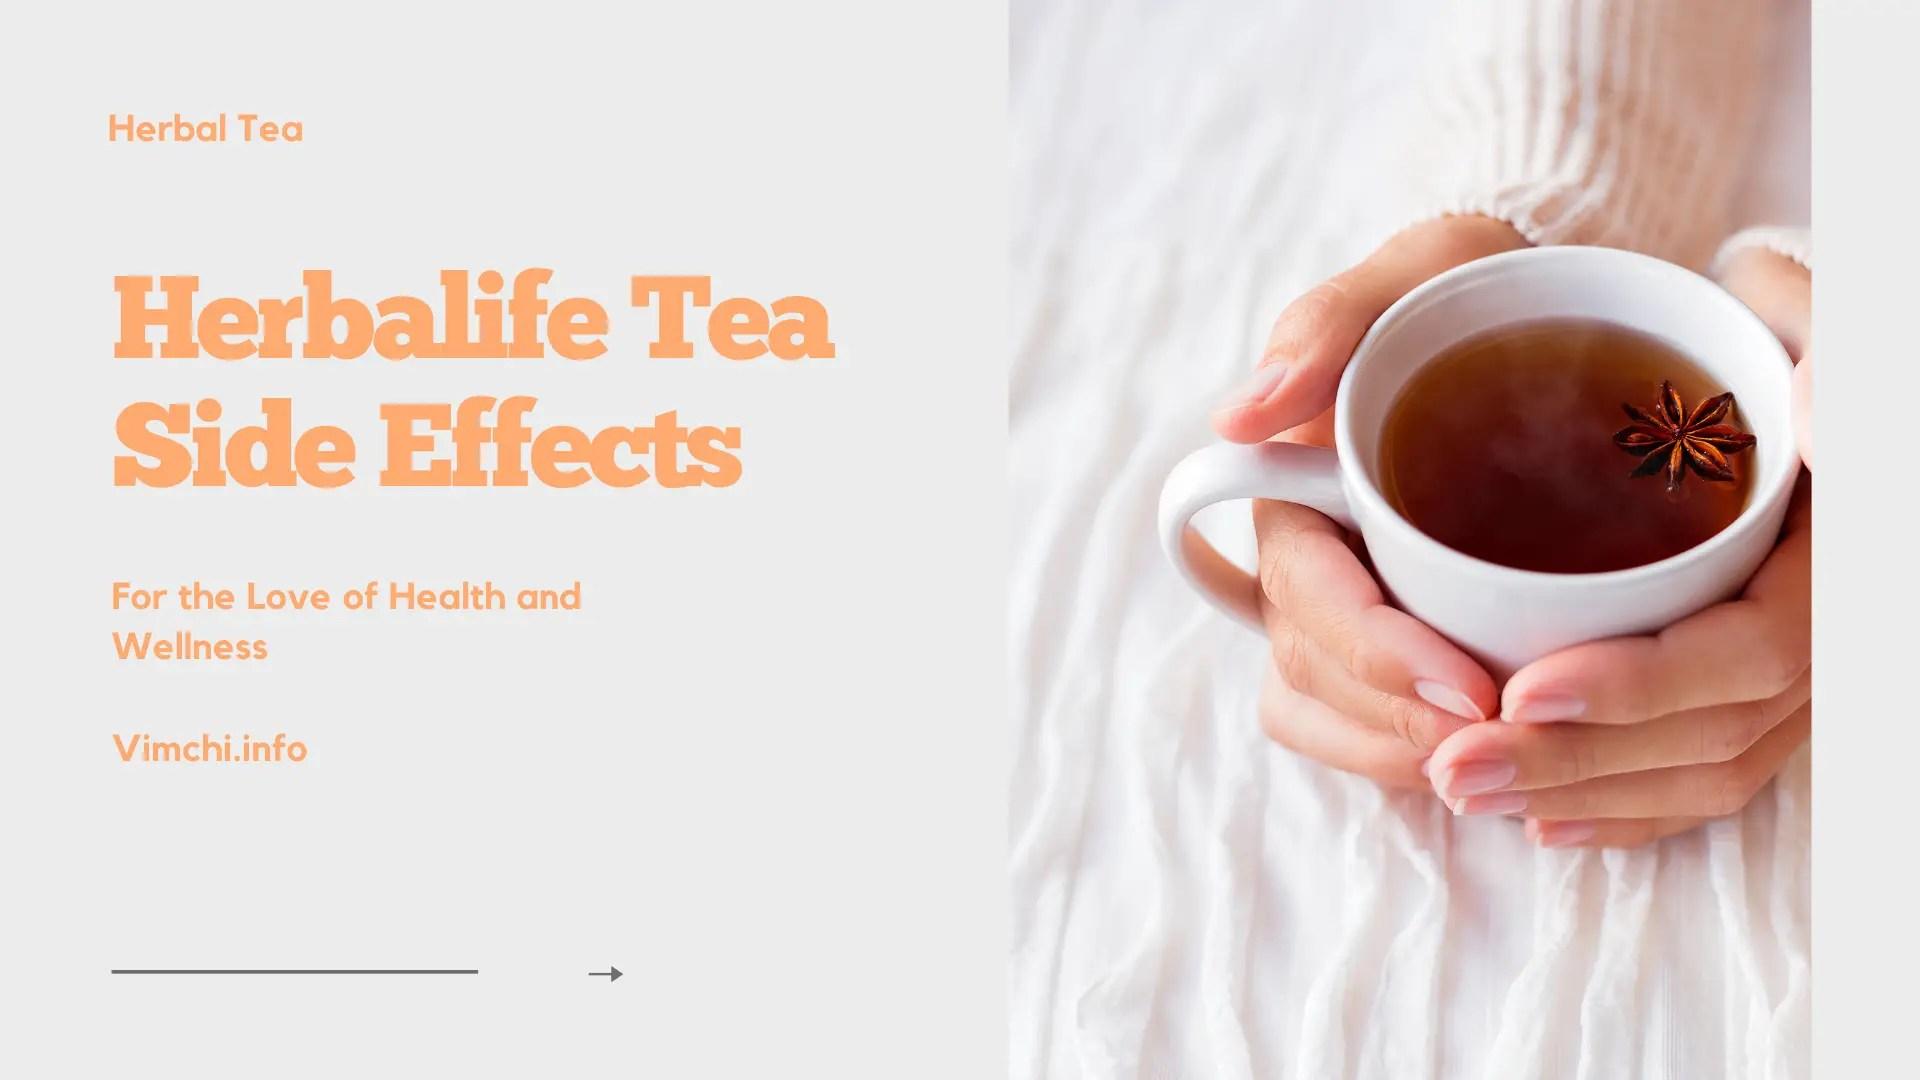 Herbalife tea side effects